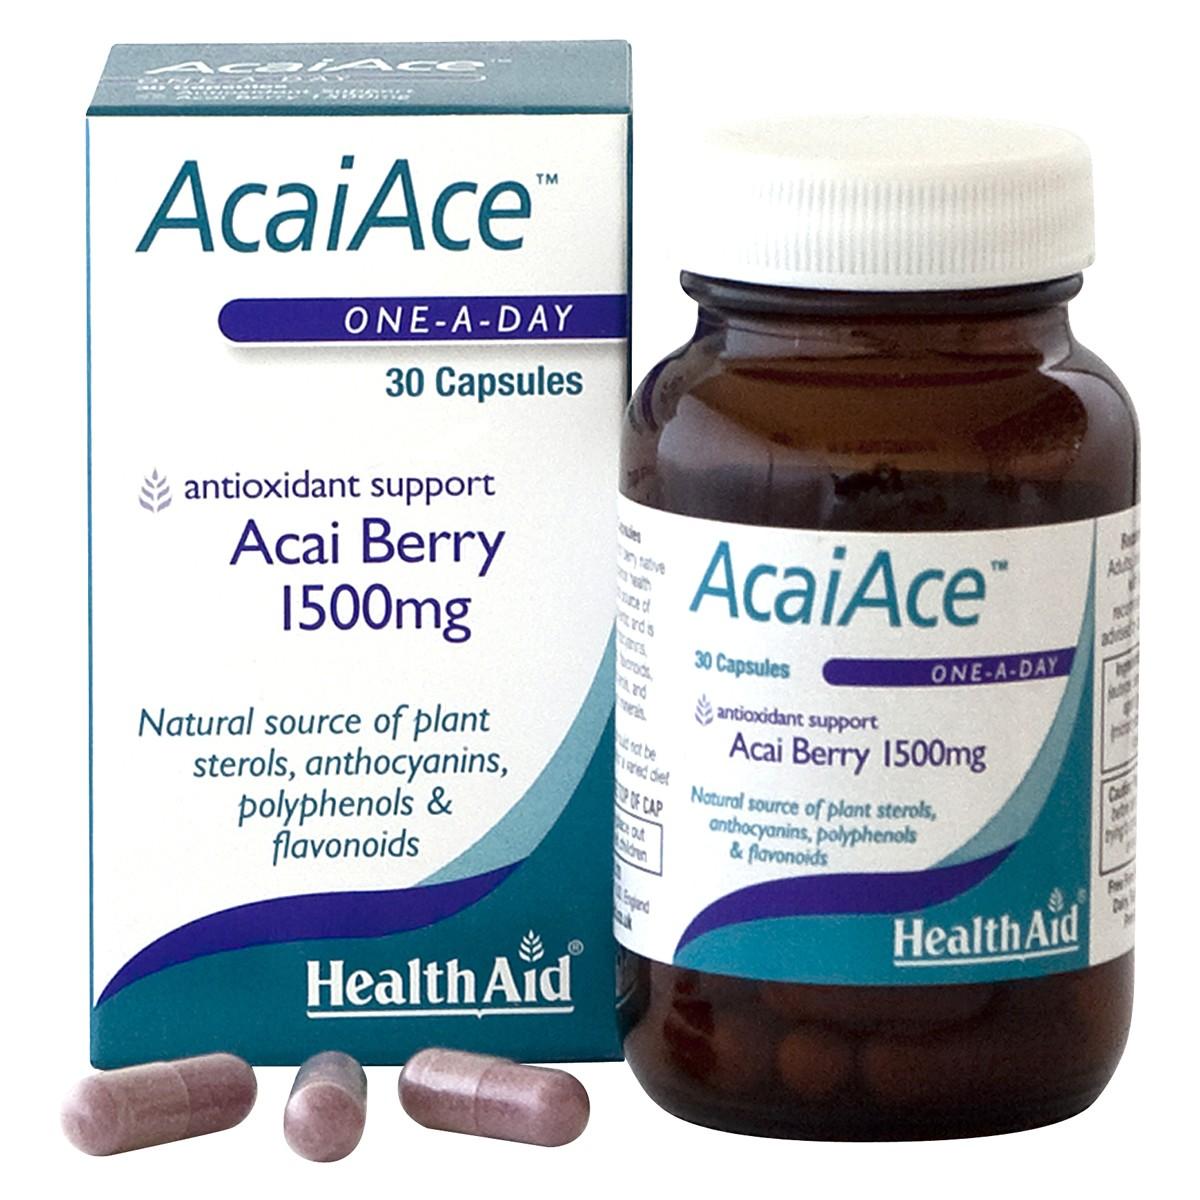 HealthAid AcaiAce (Acai Berry 1500mg)